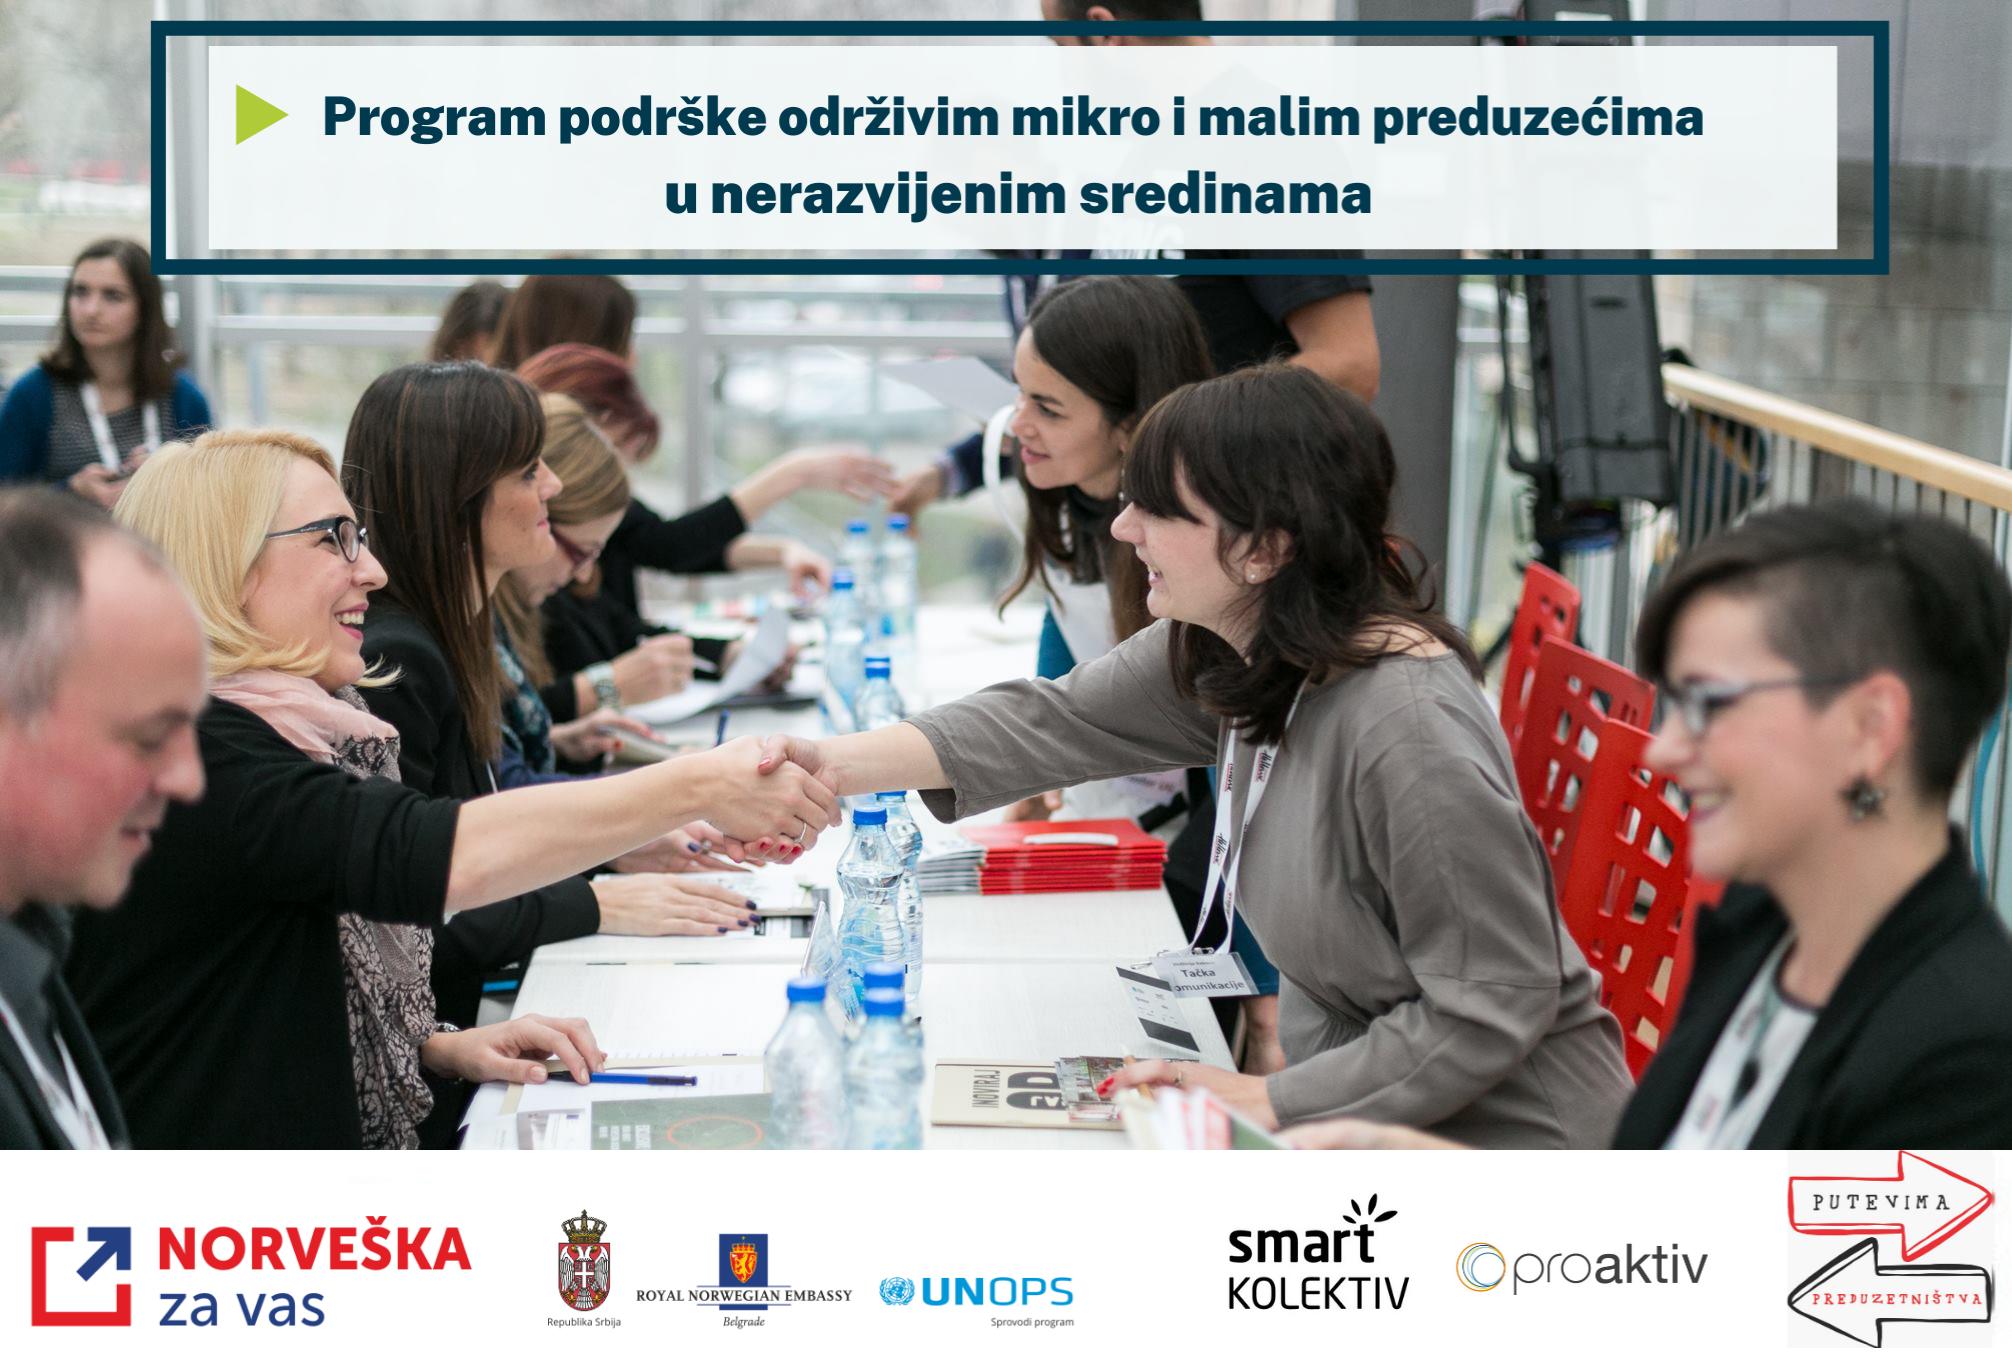 Predstavljamo učesnike Programa podrške održivim mikro i malim preduzećima u nerazvijenim sredinama